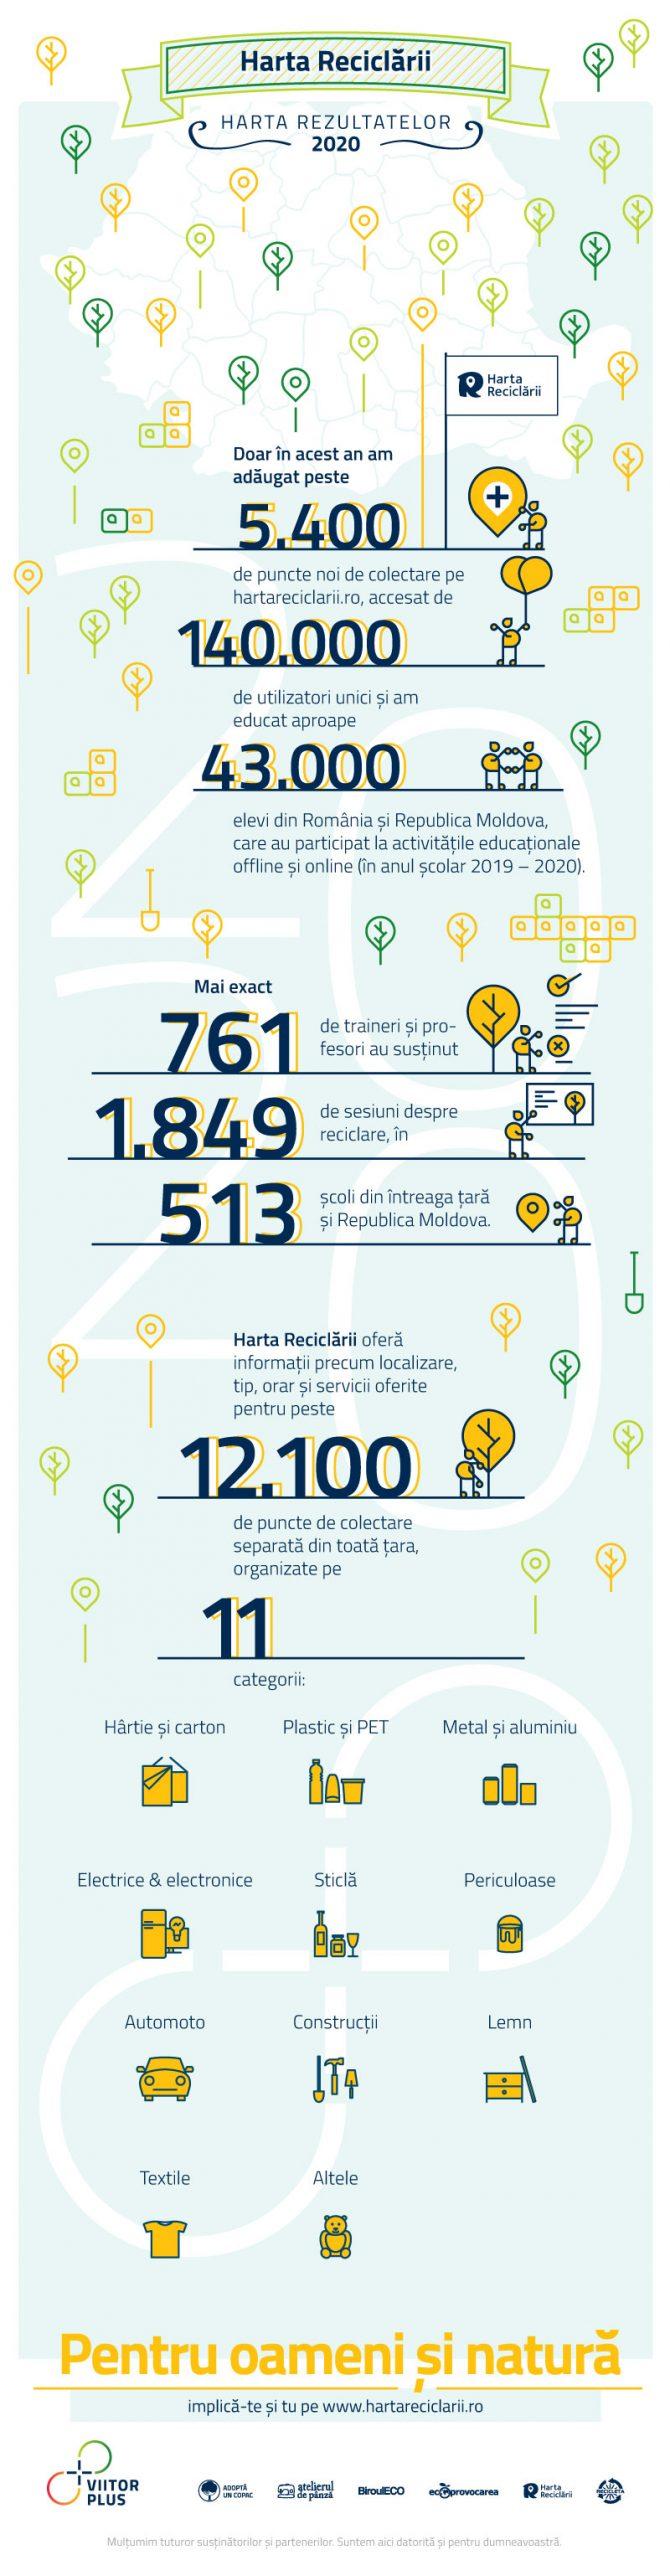 Rezultate Harta Reciclării în anul 2020